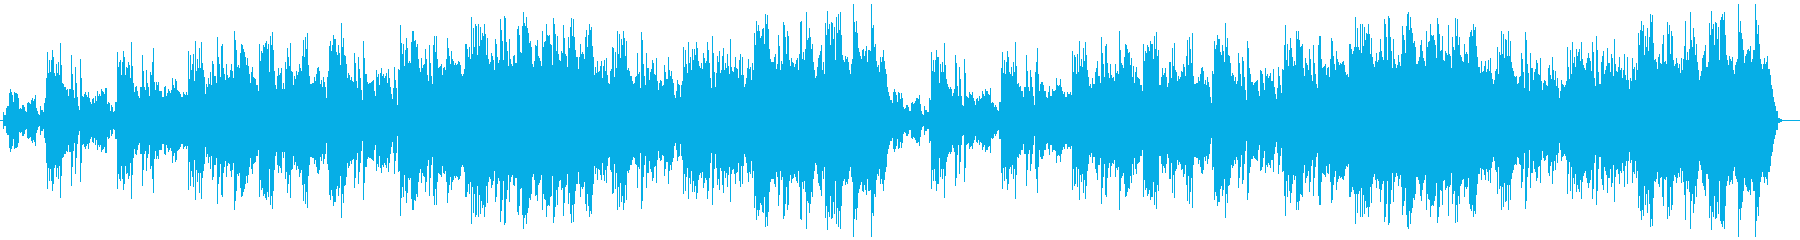 映画のエンディングのようなしっとり曲の再生済みの波形